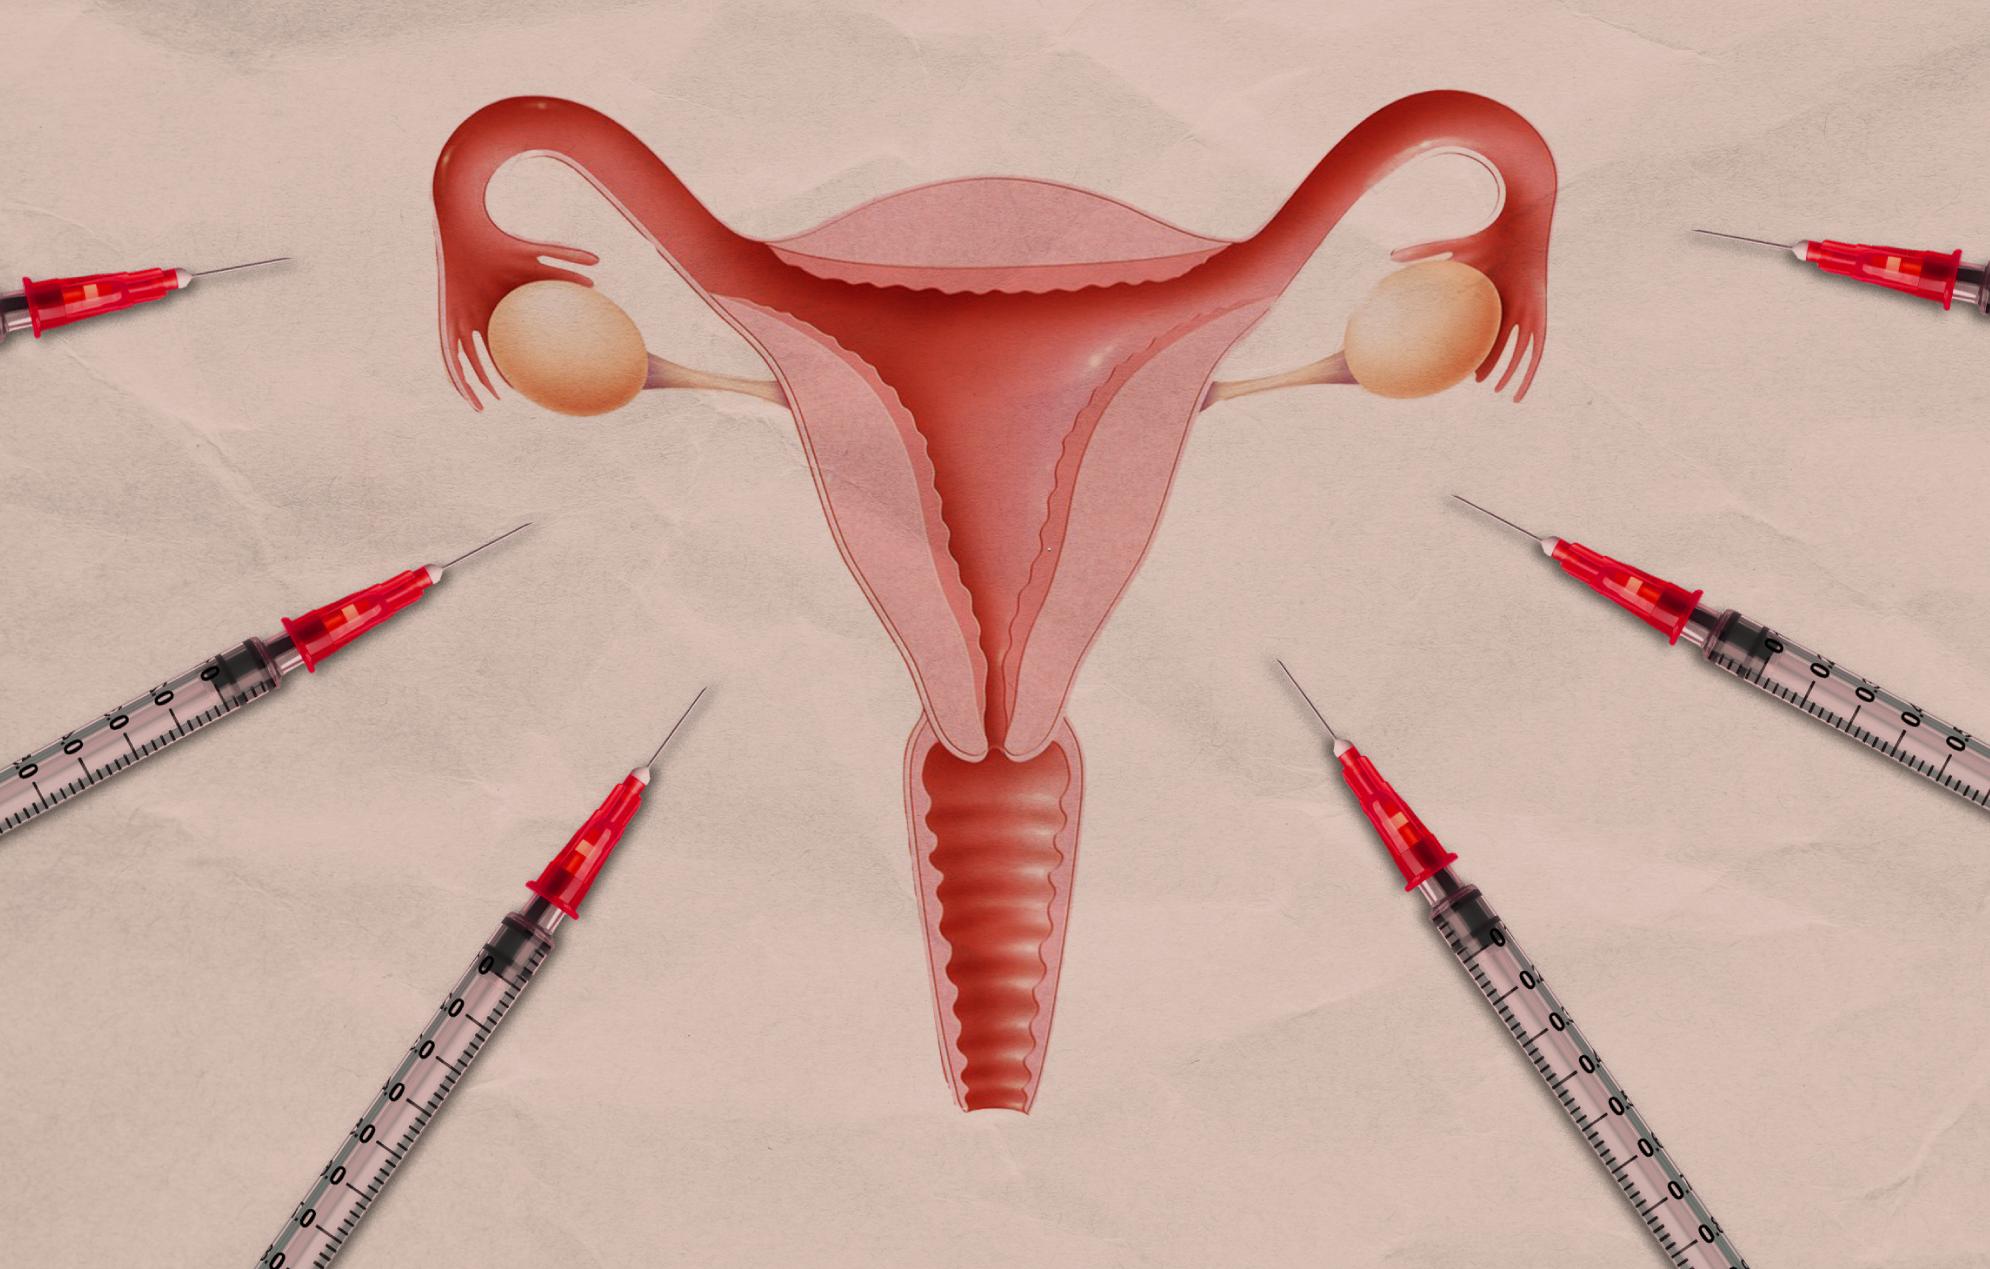 Ciclo menstrual y vacuna contra la COVID-19